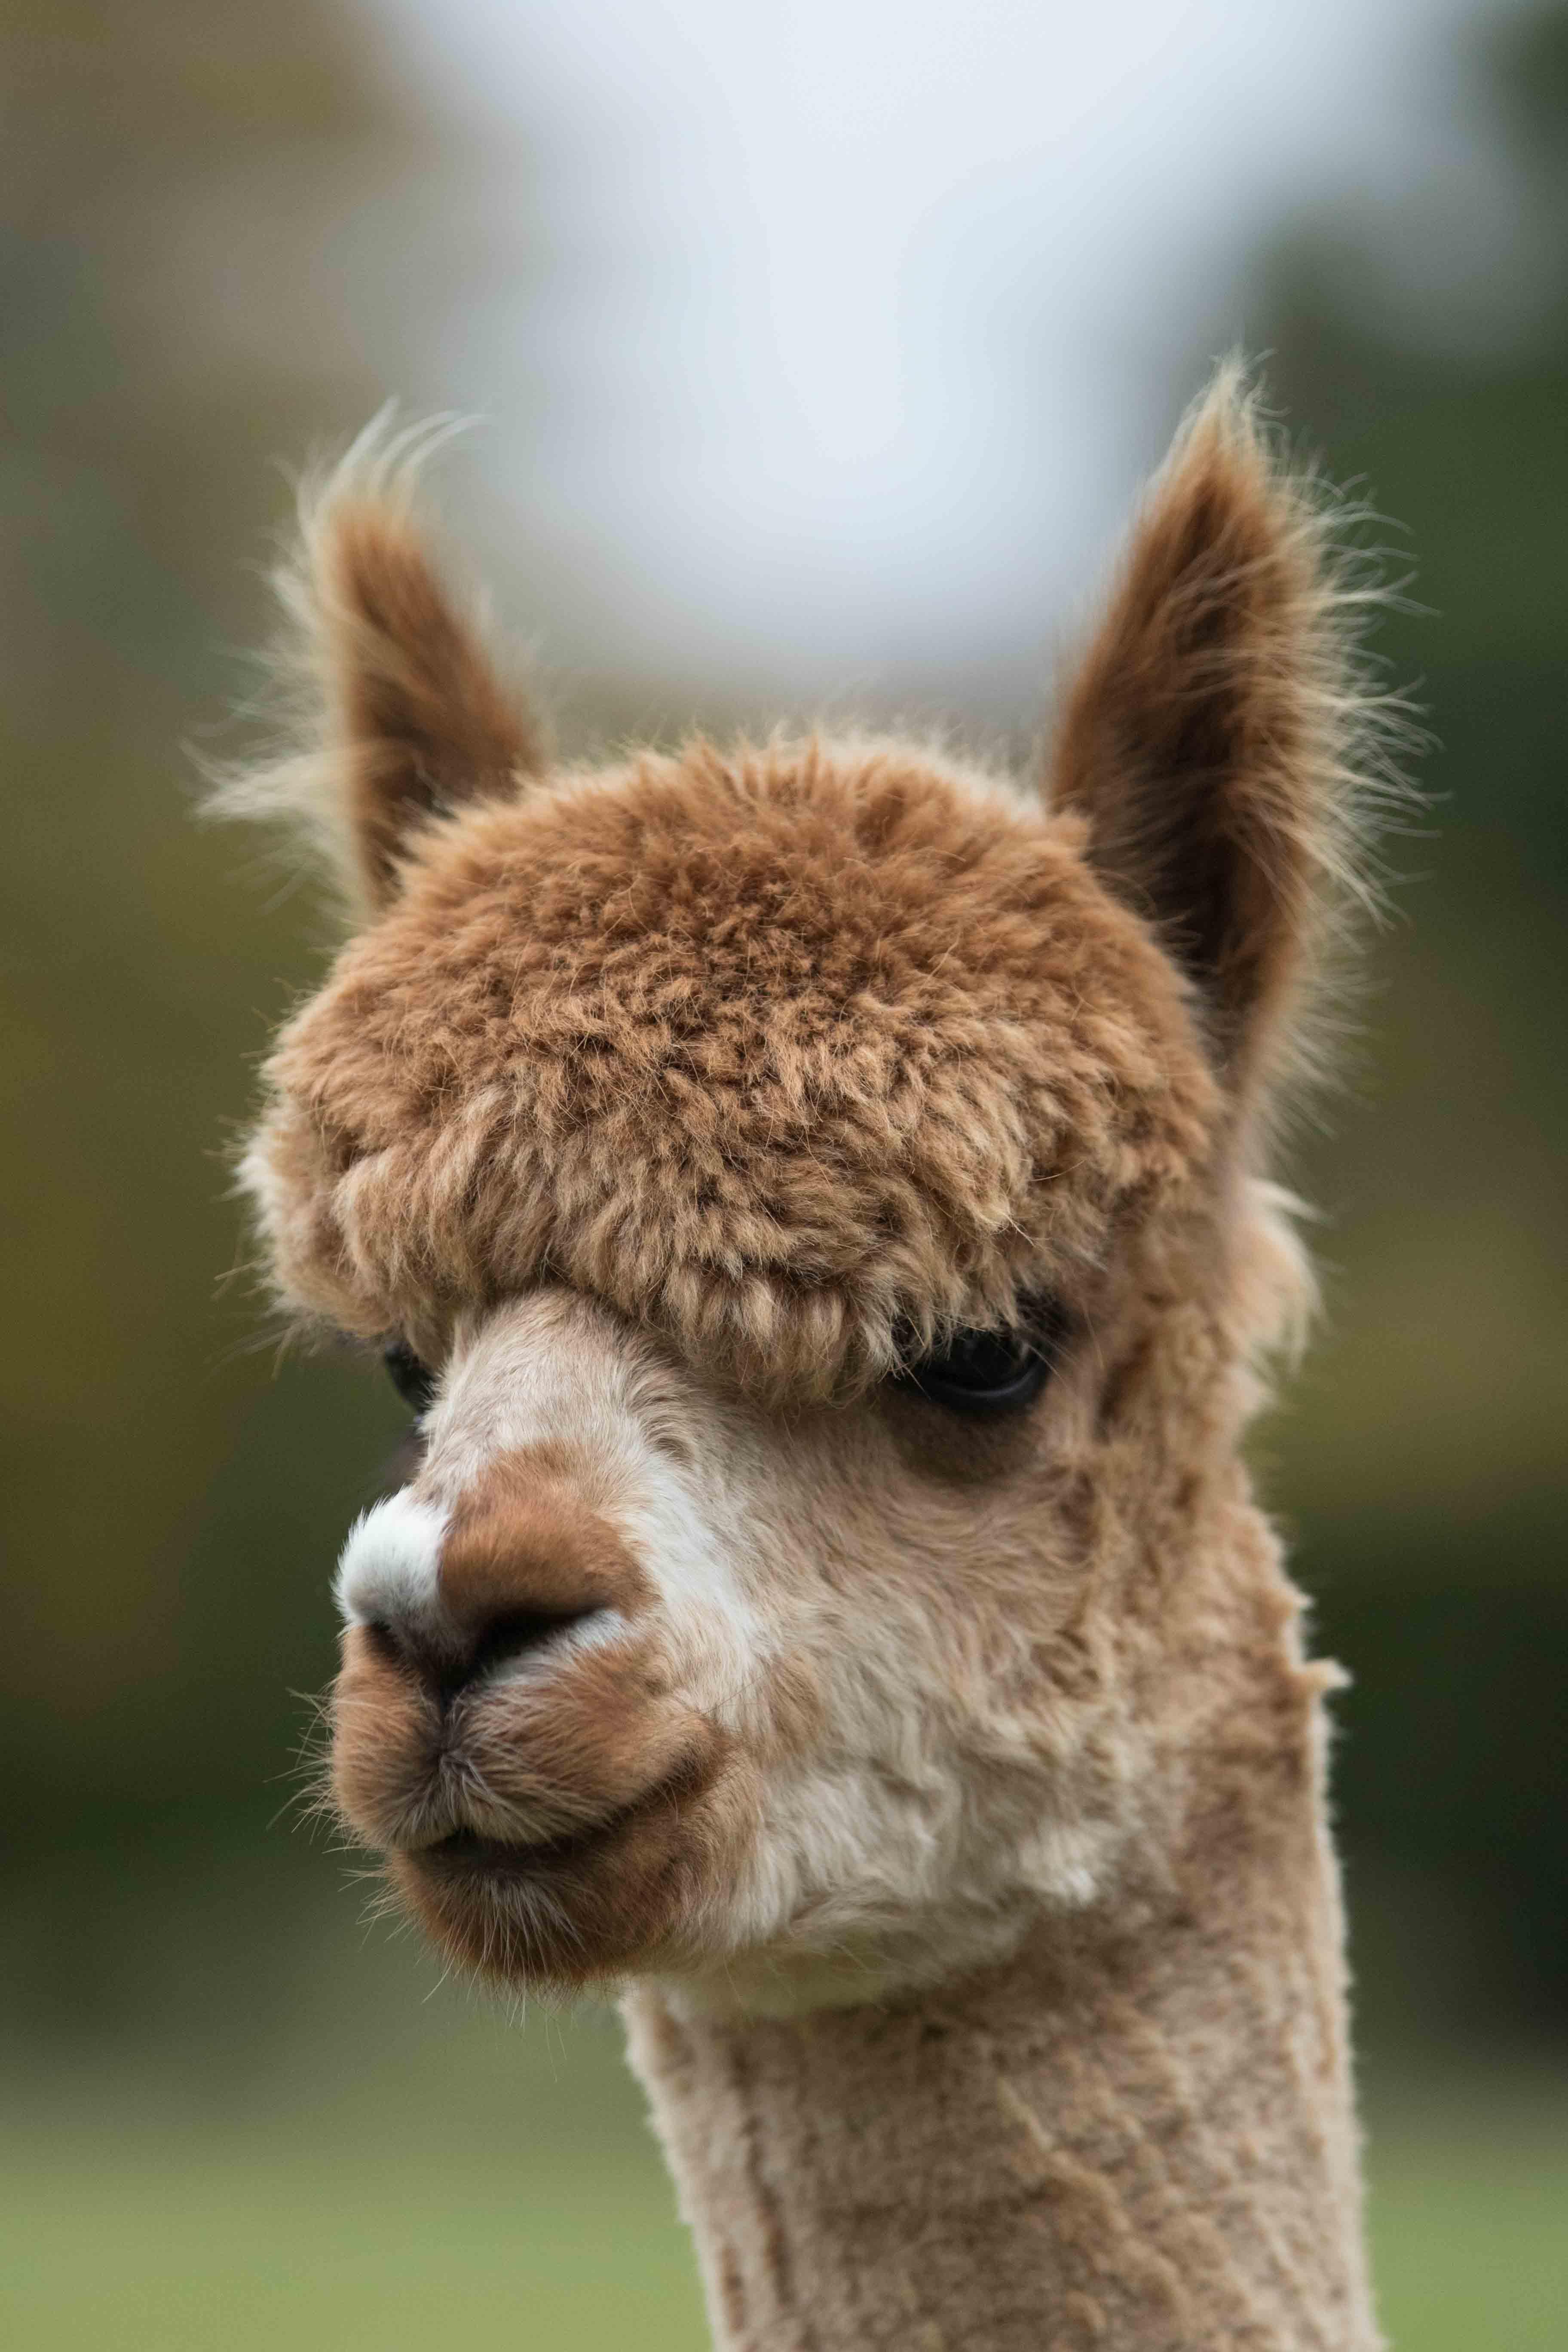 Adopt an alpaca such as pickle